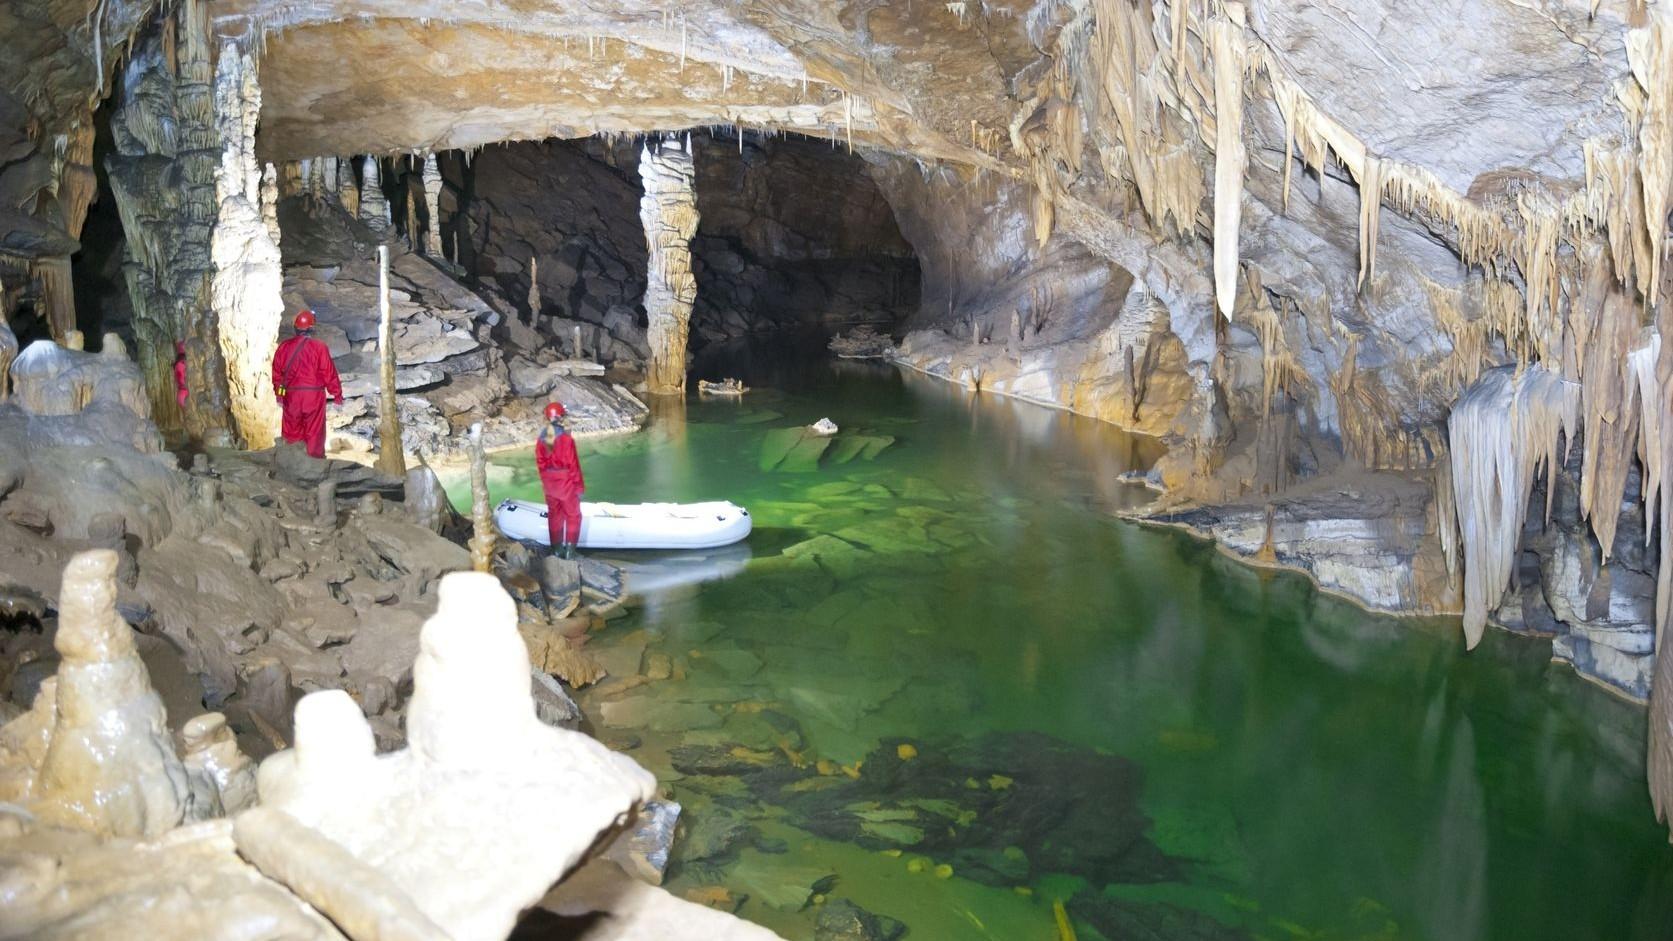 espeleologia-cuevas-logrono-nosolodespedidas-3-e1417712913996